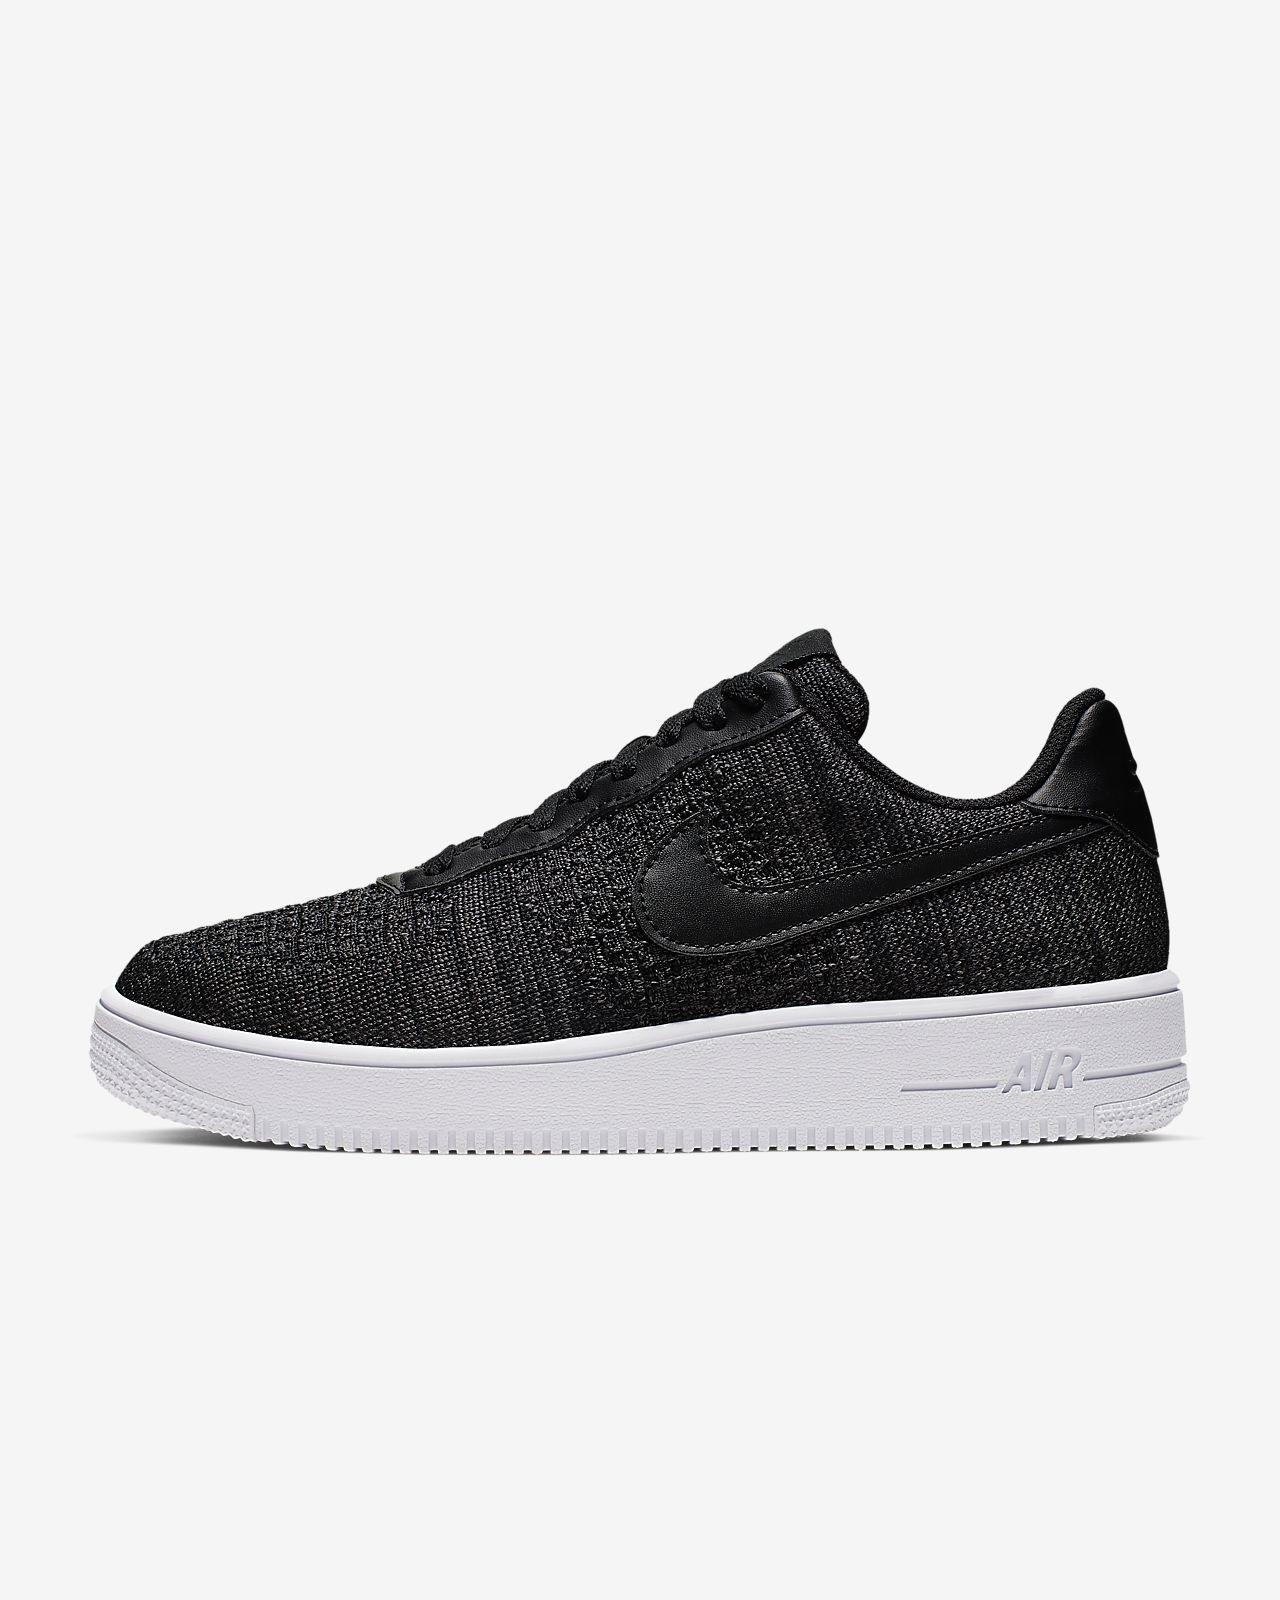 Nike Air Force 1 Flyknit 2.0 男子运动鞋